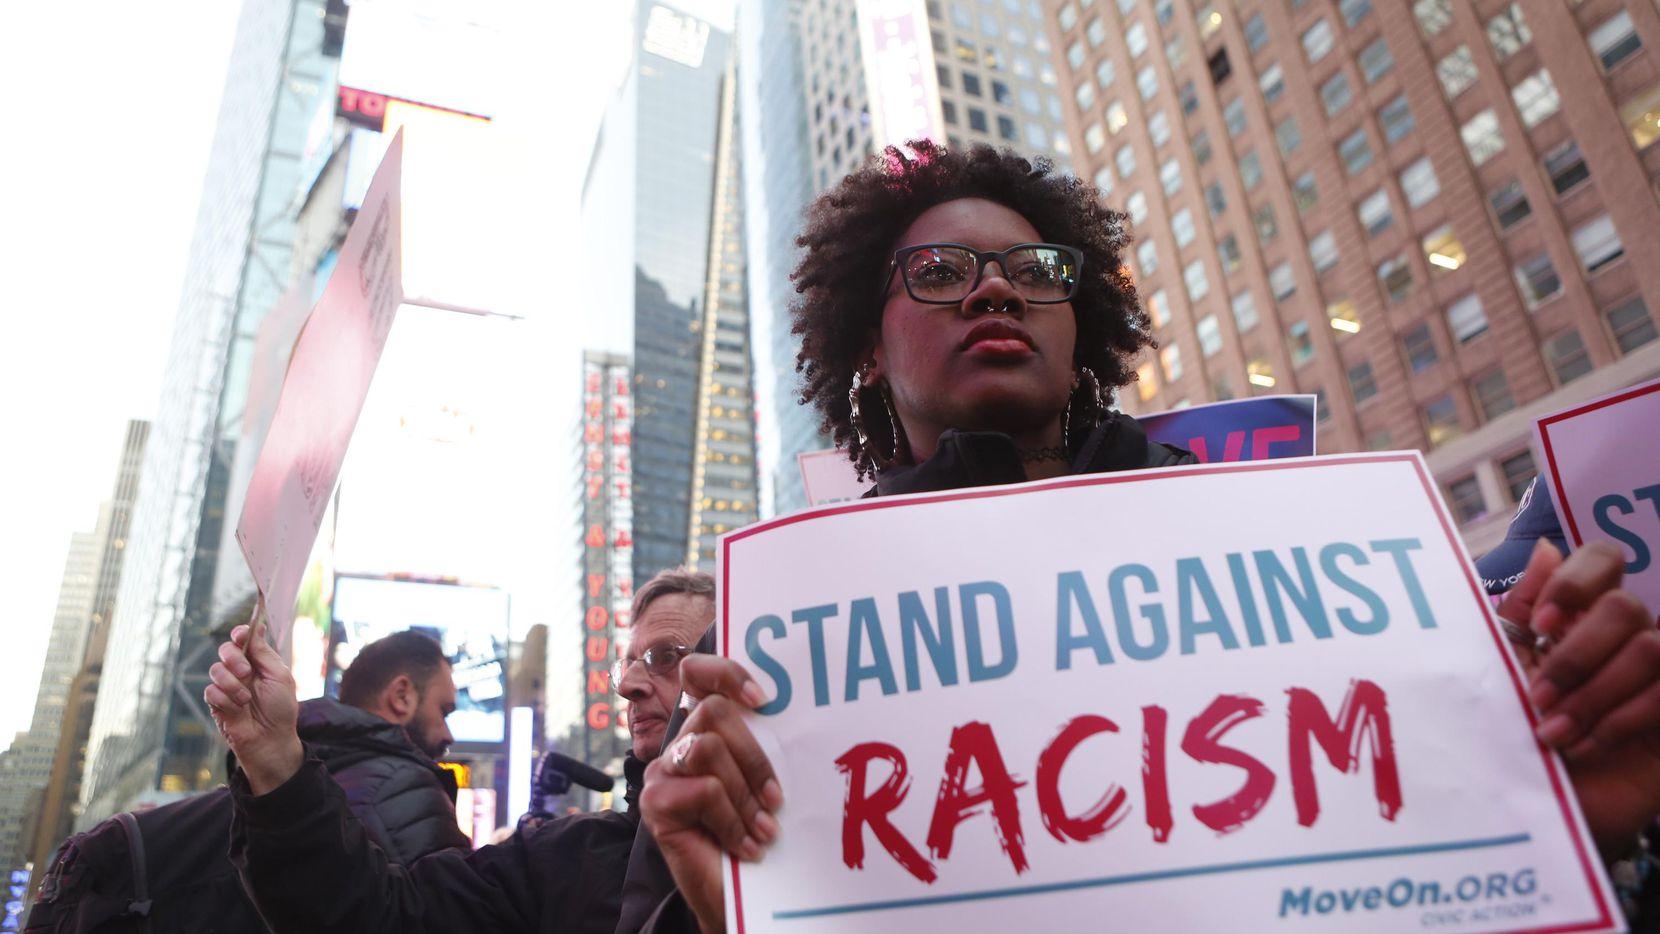 Una persona porta una pancarta del movimiento MoveOn.org que aboga por tolerancia.(GETTY IMAGES)